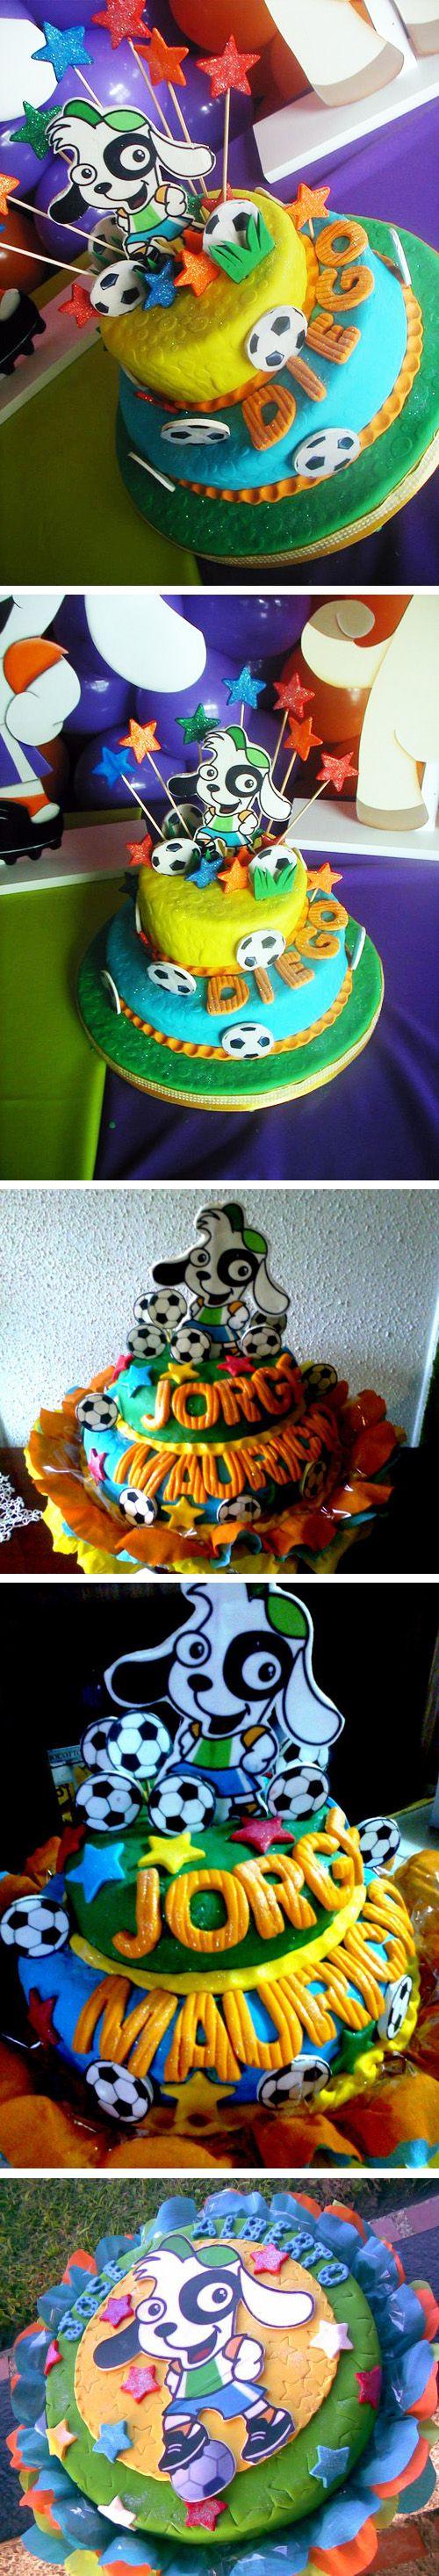 #Tortas #Personajes #DiscoveryKids #TortasDecoradas #Fiesta #Celebracion #Venezuela #Creamos #Doki